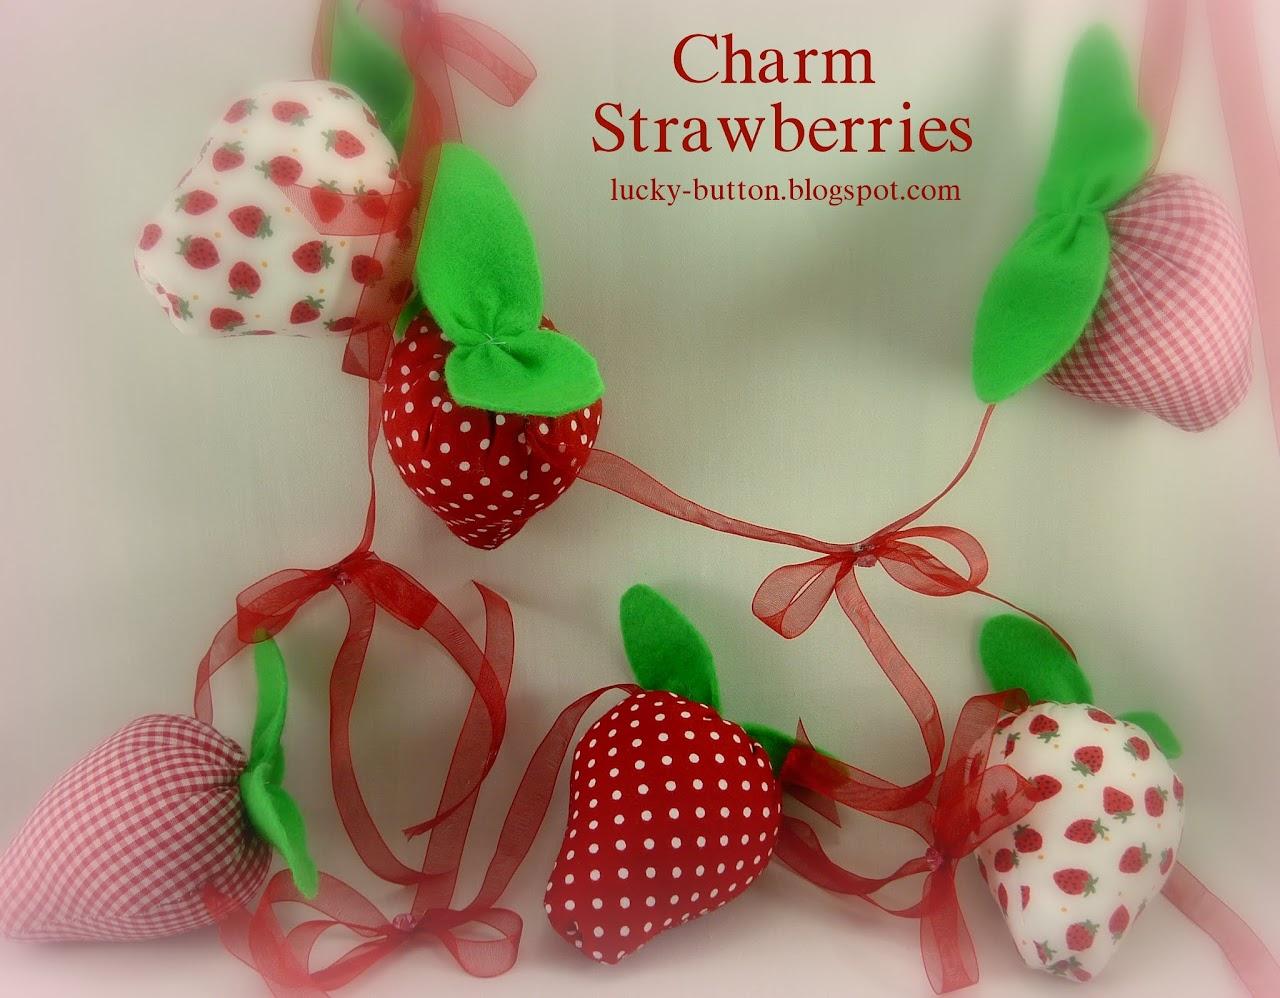 Υφασμάτινη Διακόσμηση-lucky charms